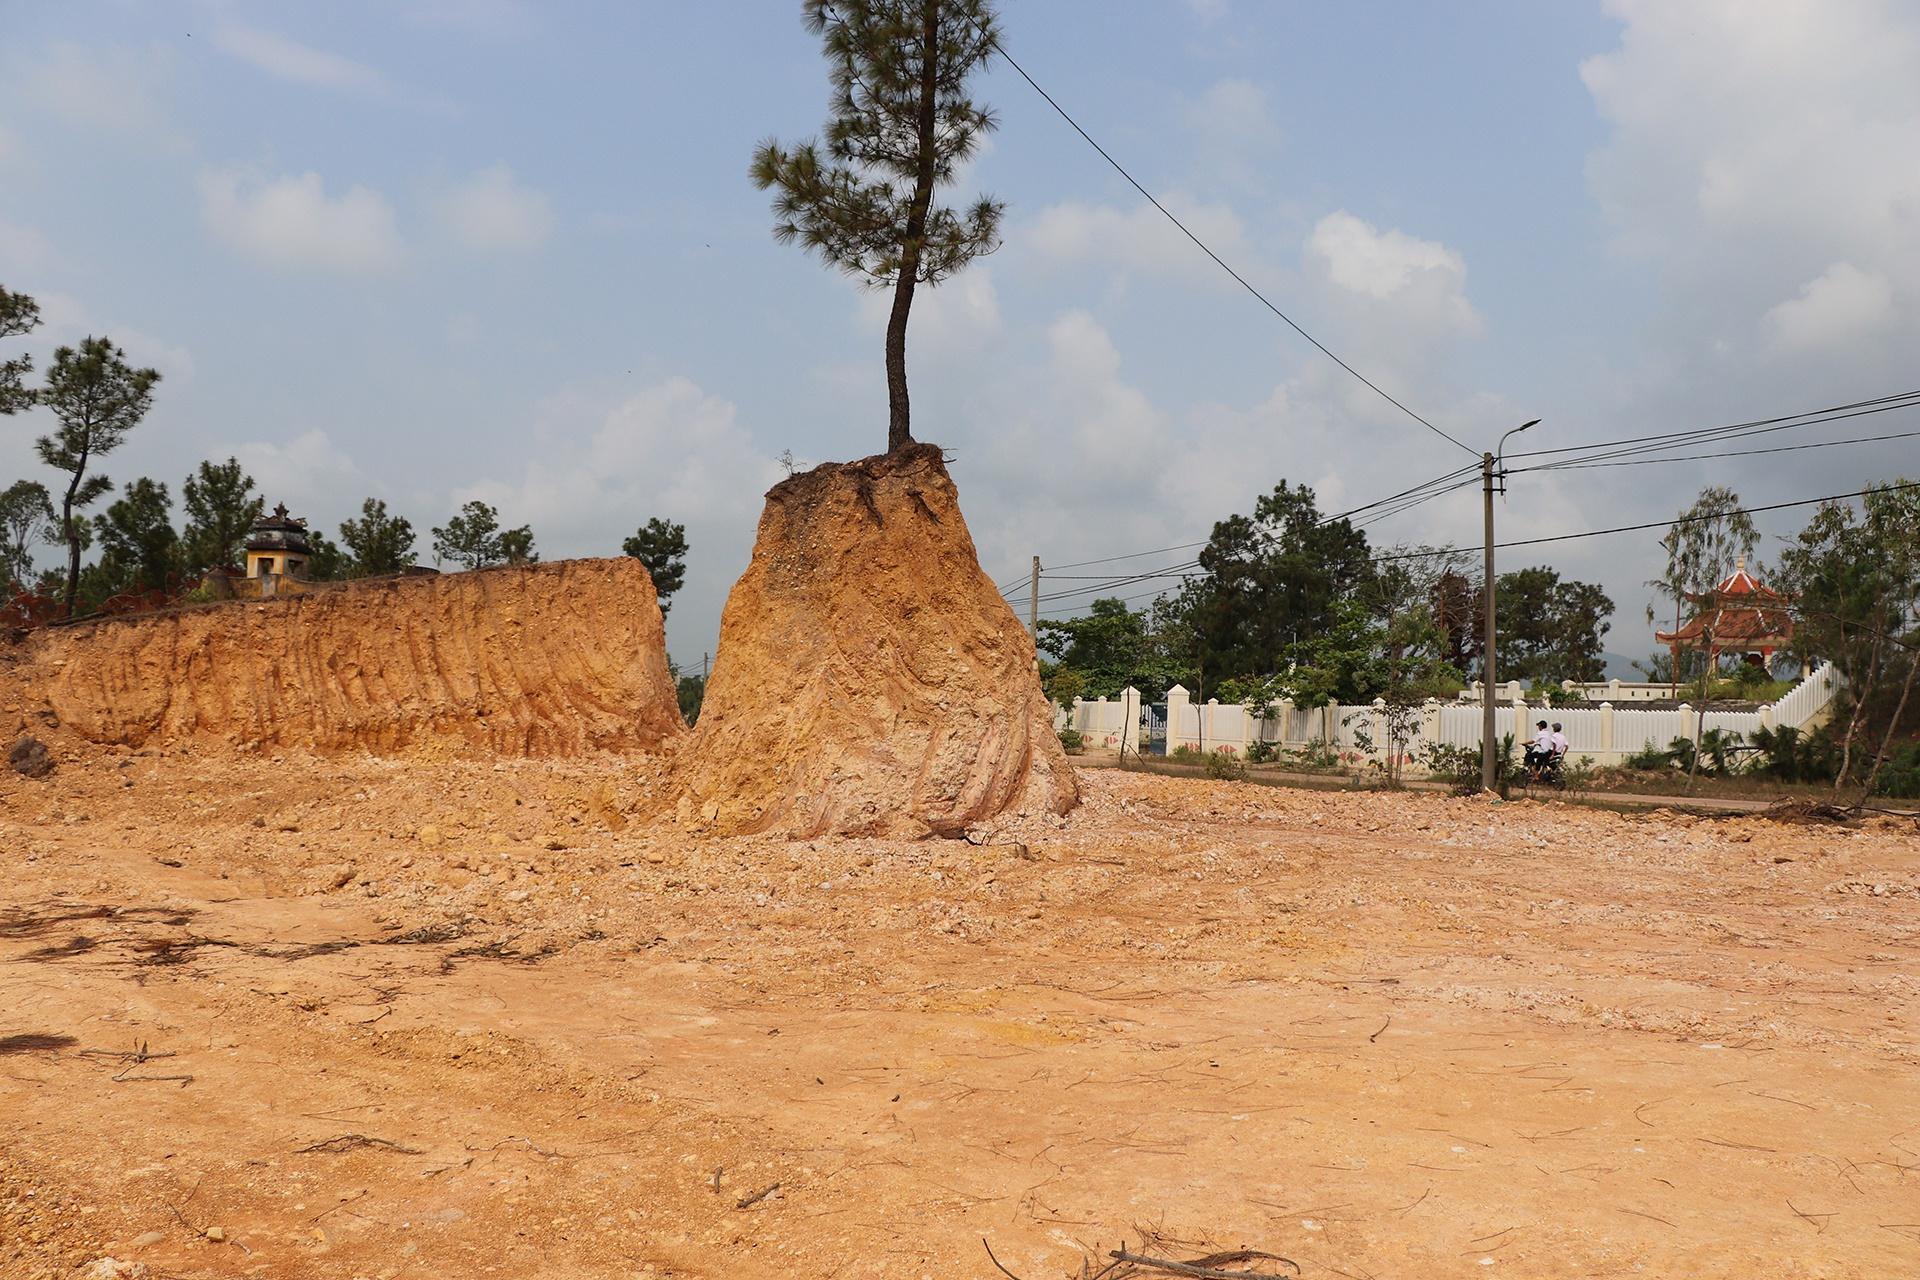 Ngọn đồi trước di tích lịch sử Đá Chùm bị UBND xã Điện Tiến, thị xã Điện Bàn, Quảng Nam, san ủi trái phép. Ảnh: Thanh Đức.